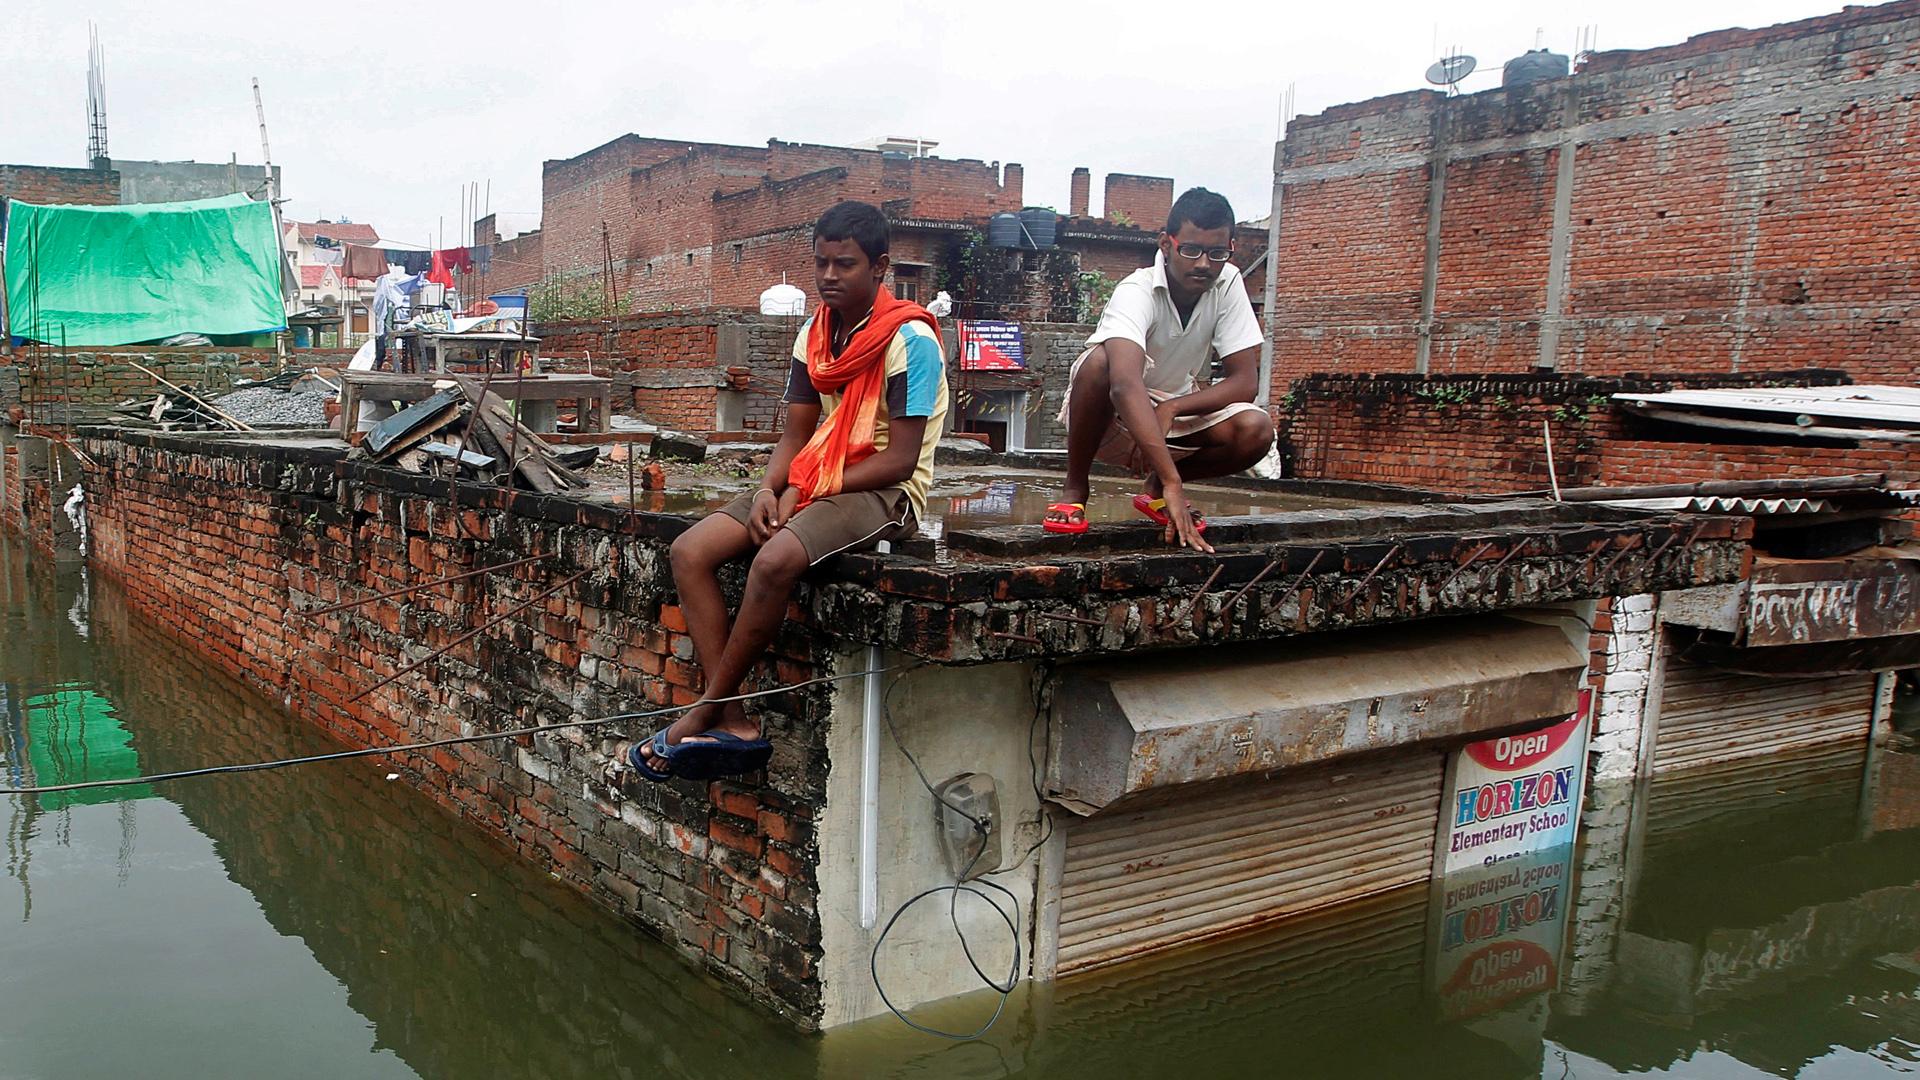 Las inundaciones se presentaron tras el monzón que se registro en algunas ciudades, luego de una sequía de casi un año